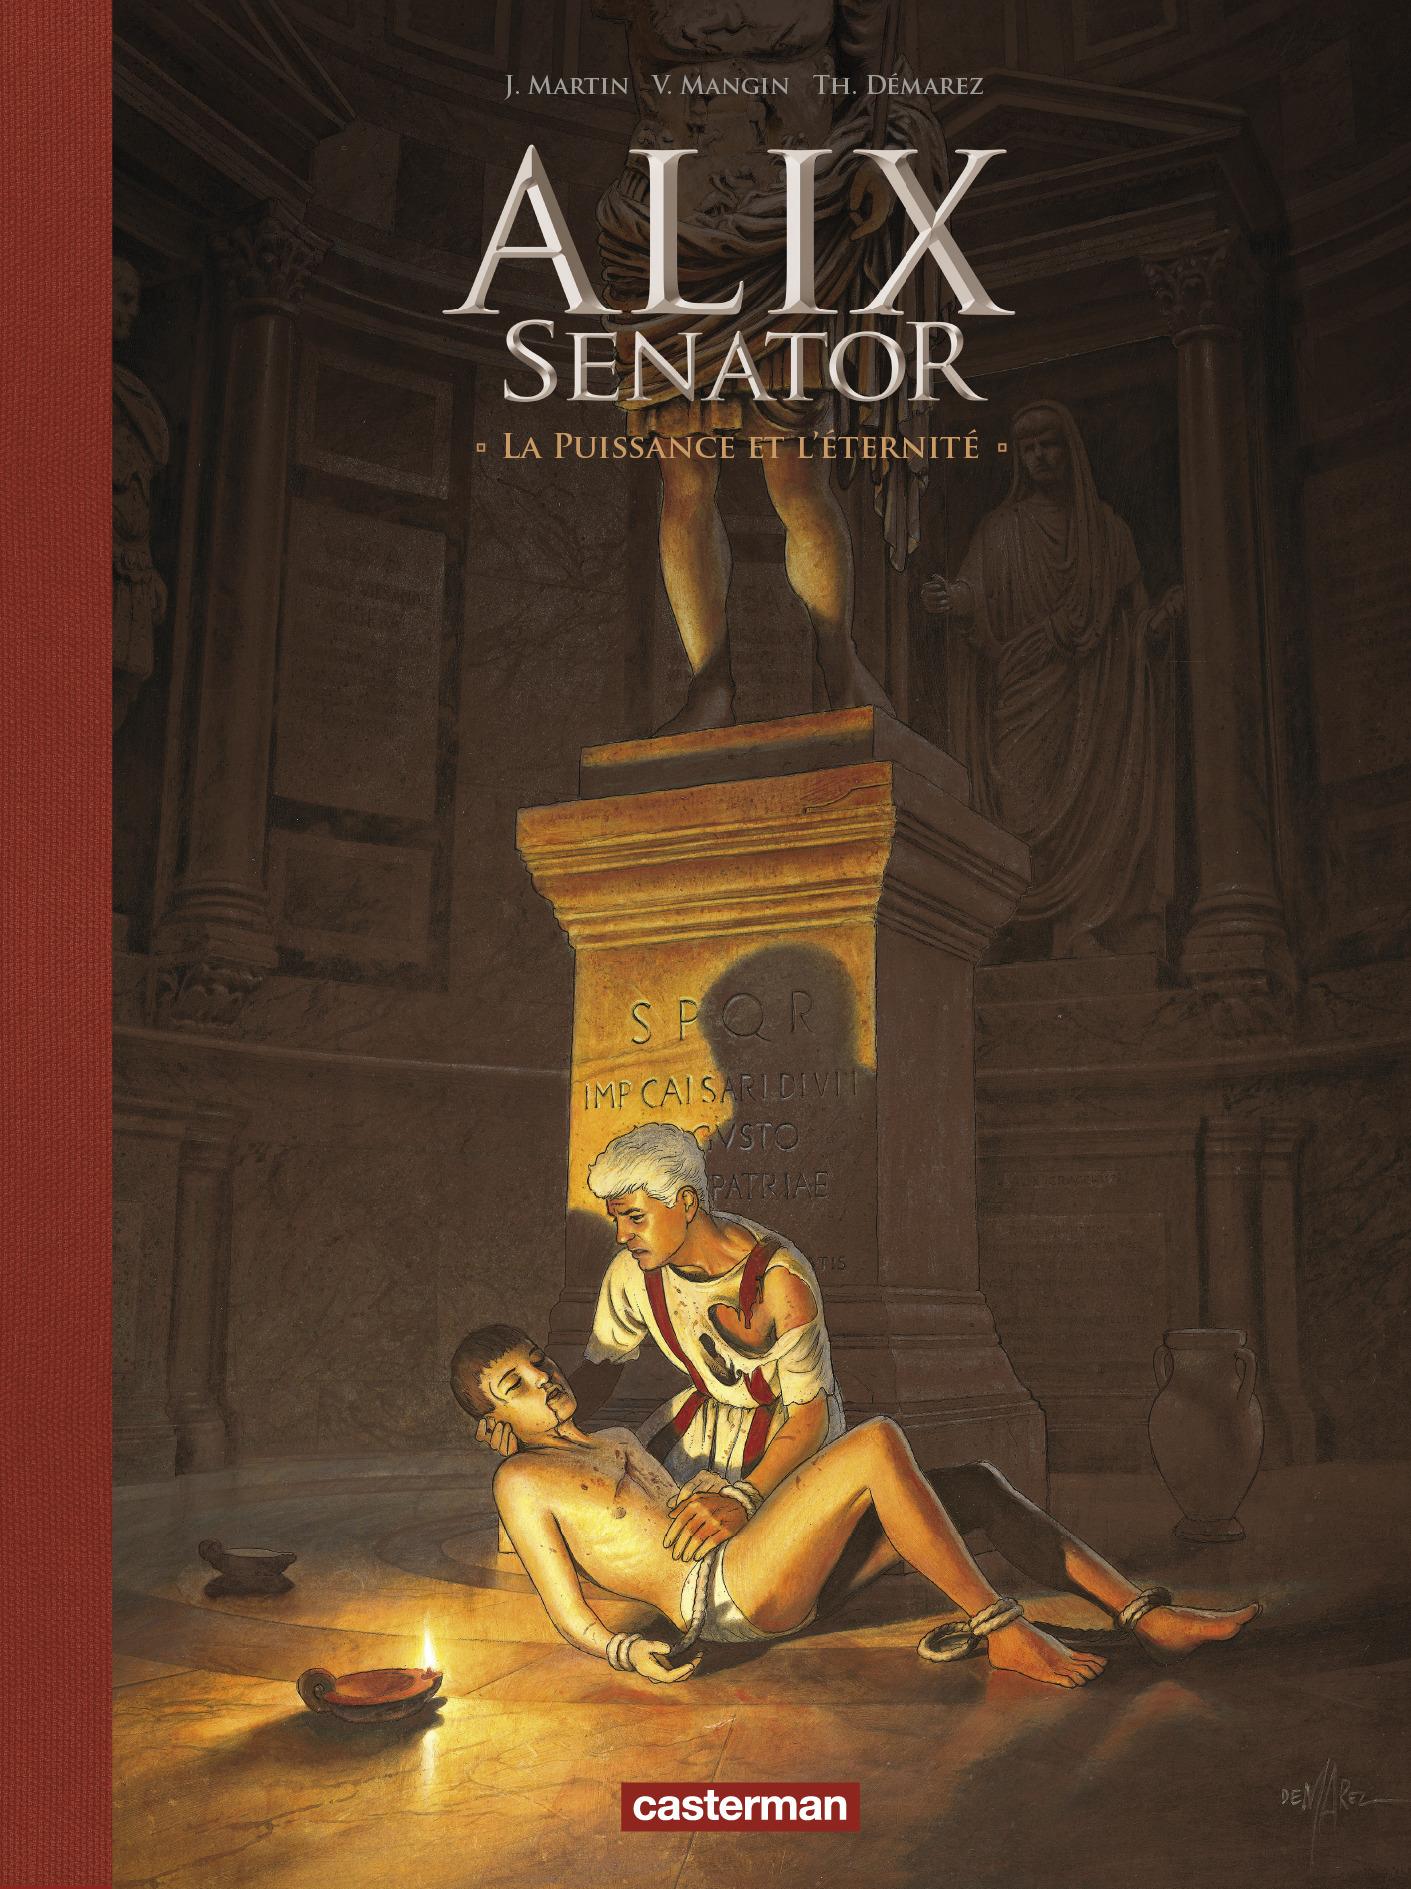 ALIX SENATOR T7 (DELUXE) - LA PUISSANCE ET L'ETERNITE